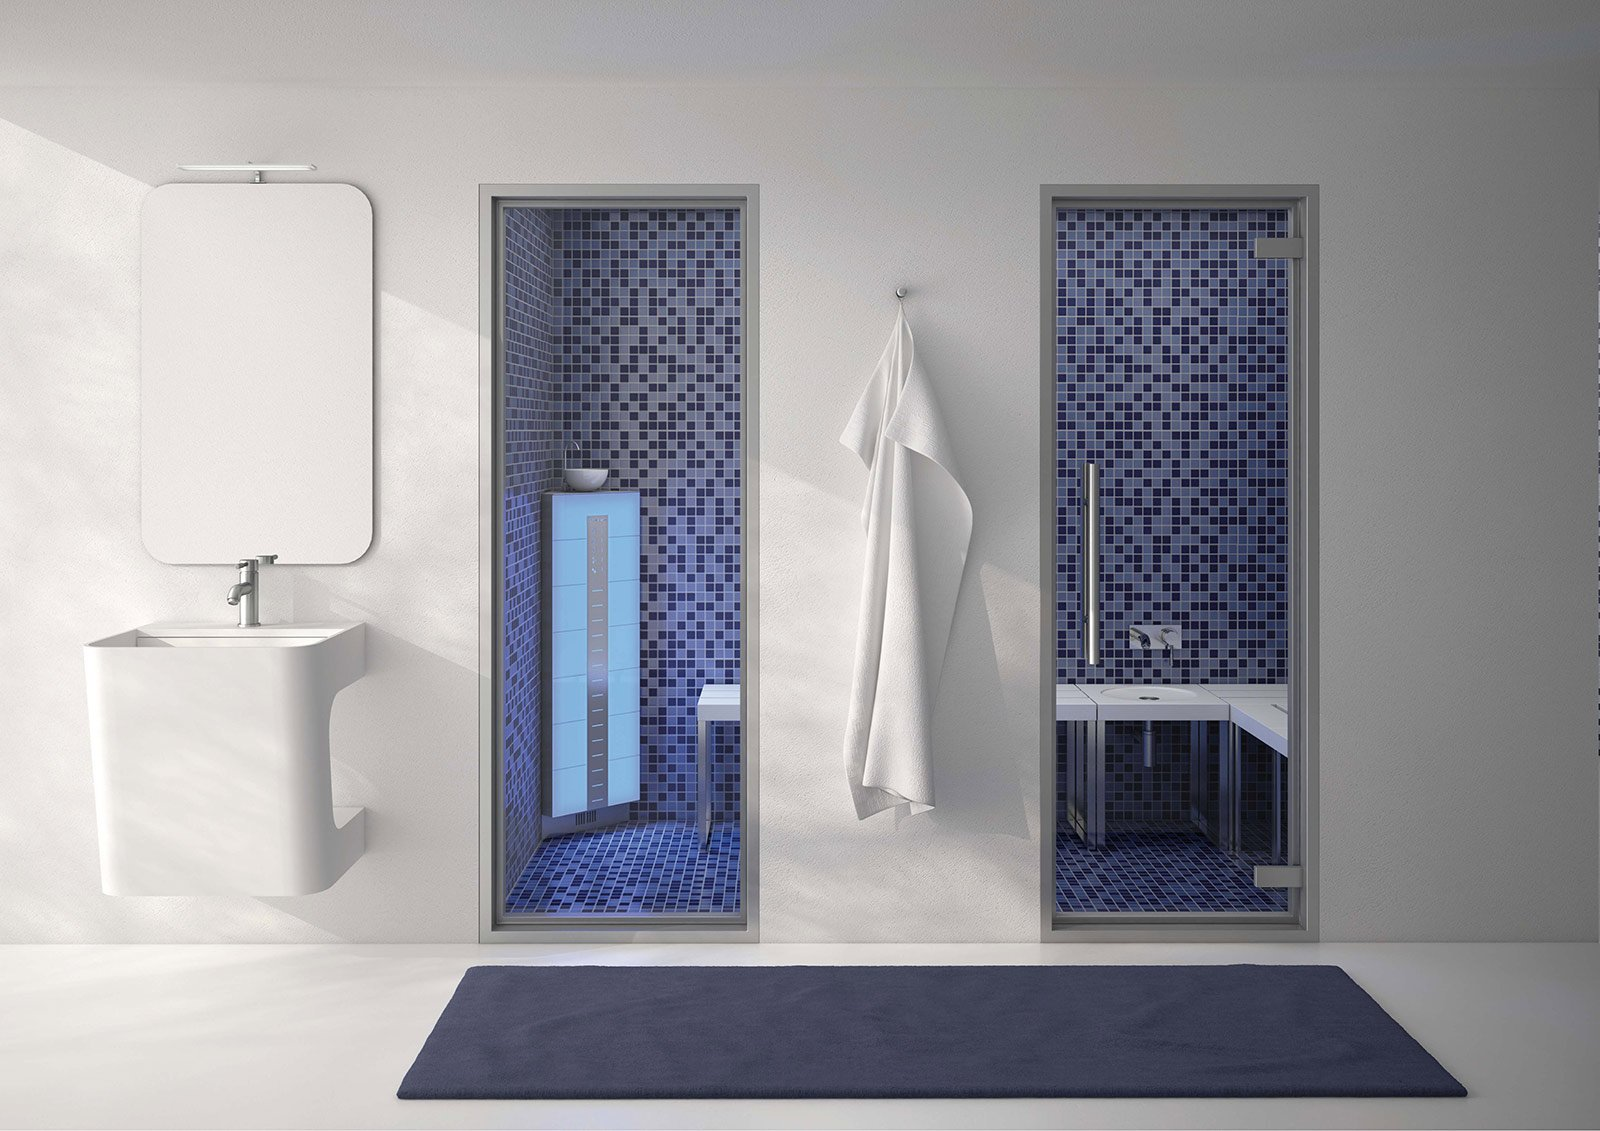 Il bagno turco a casa cose di casa - Bagno turco in casa ...